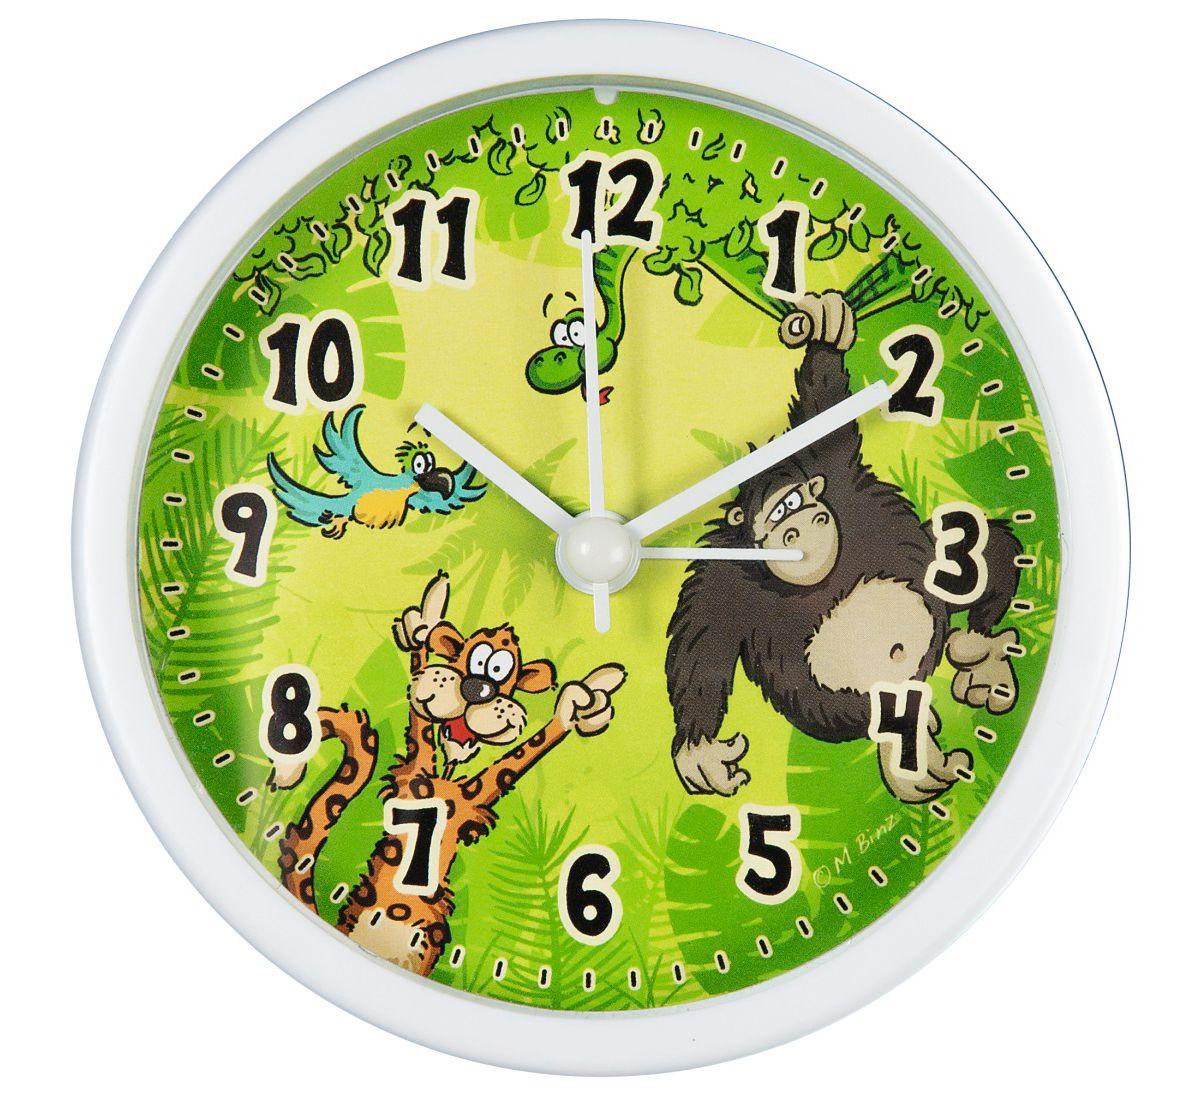 Hama Kinderwecker analoger Wecker für Kinder \´´Dschungel\´´´´ »geräuscharm, grün«´´